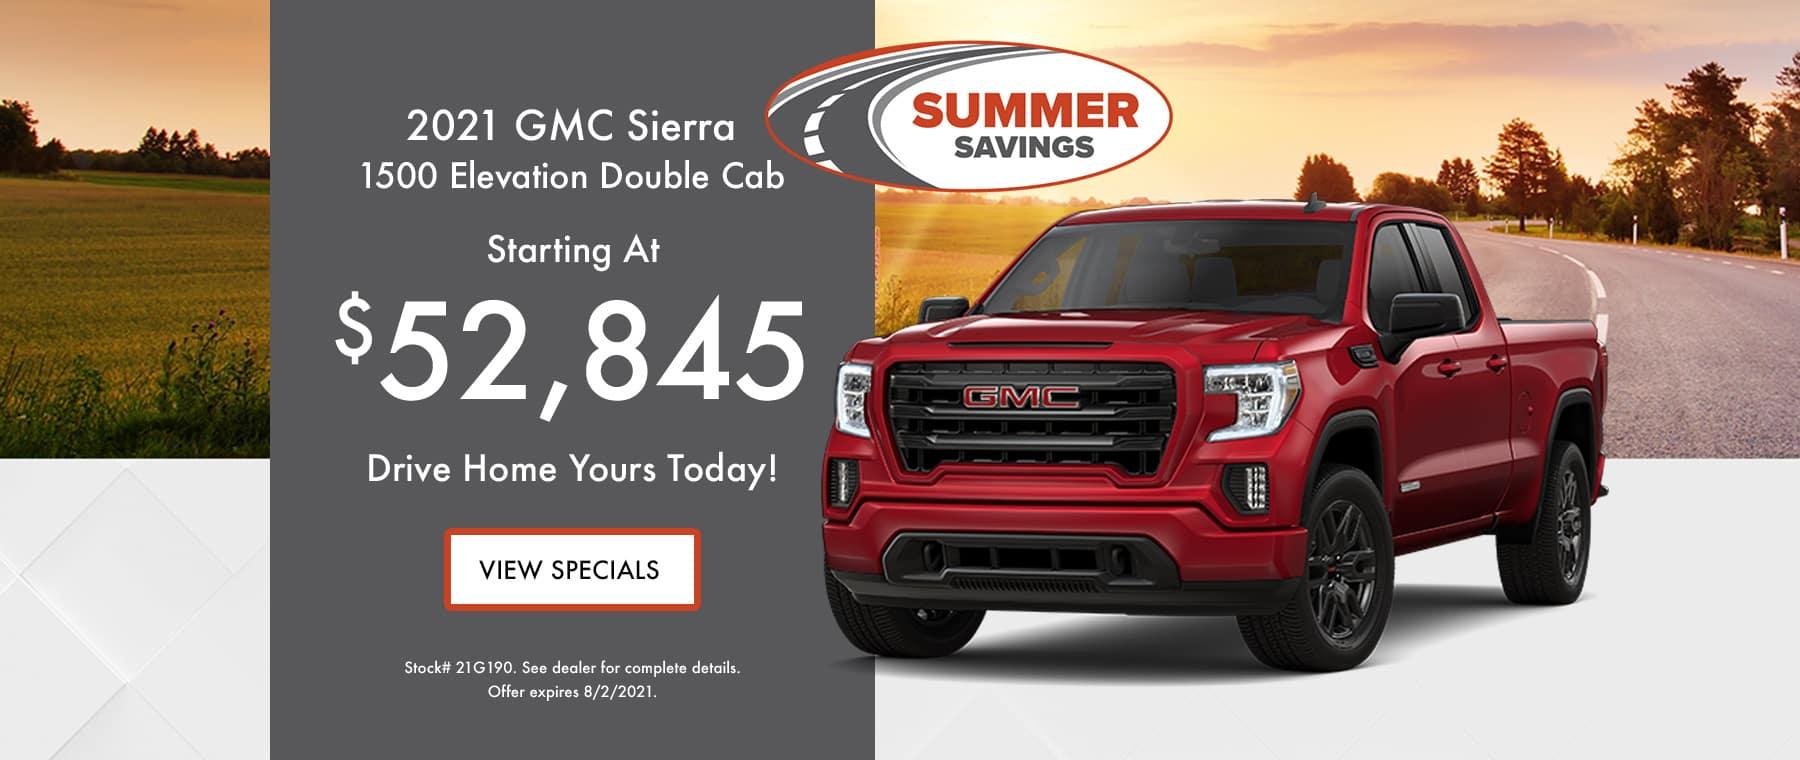 2021 GMC Sierra 1500 July Special